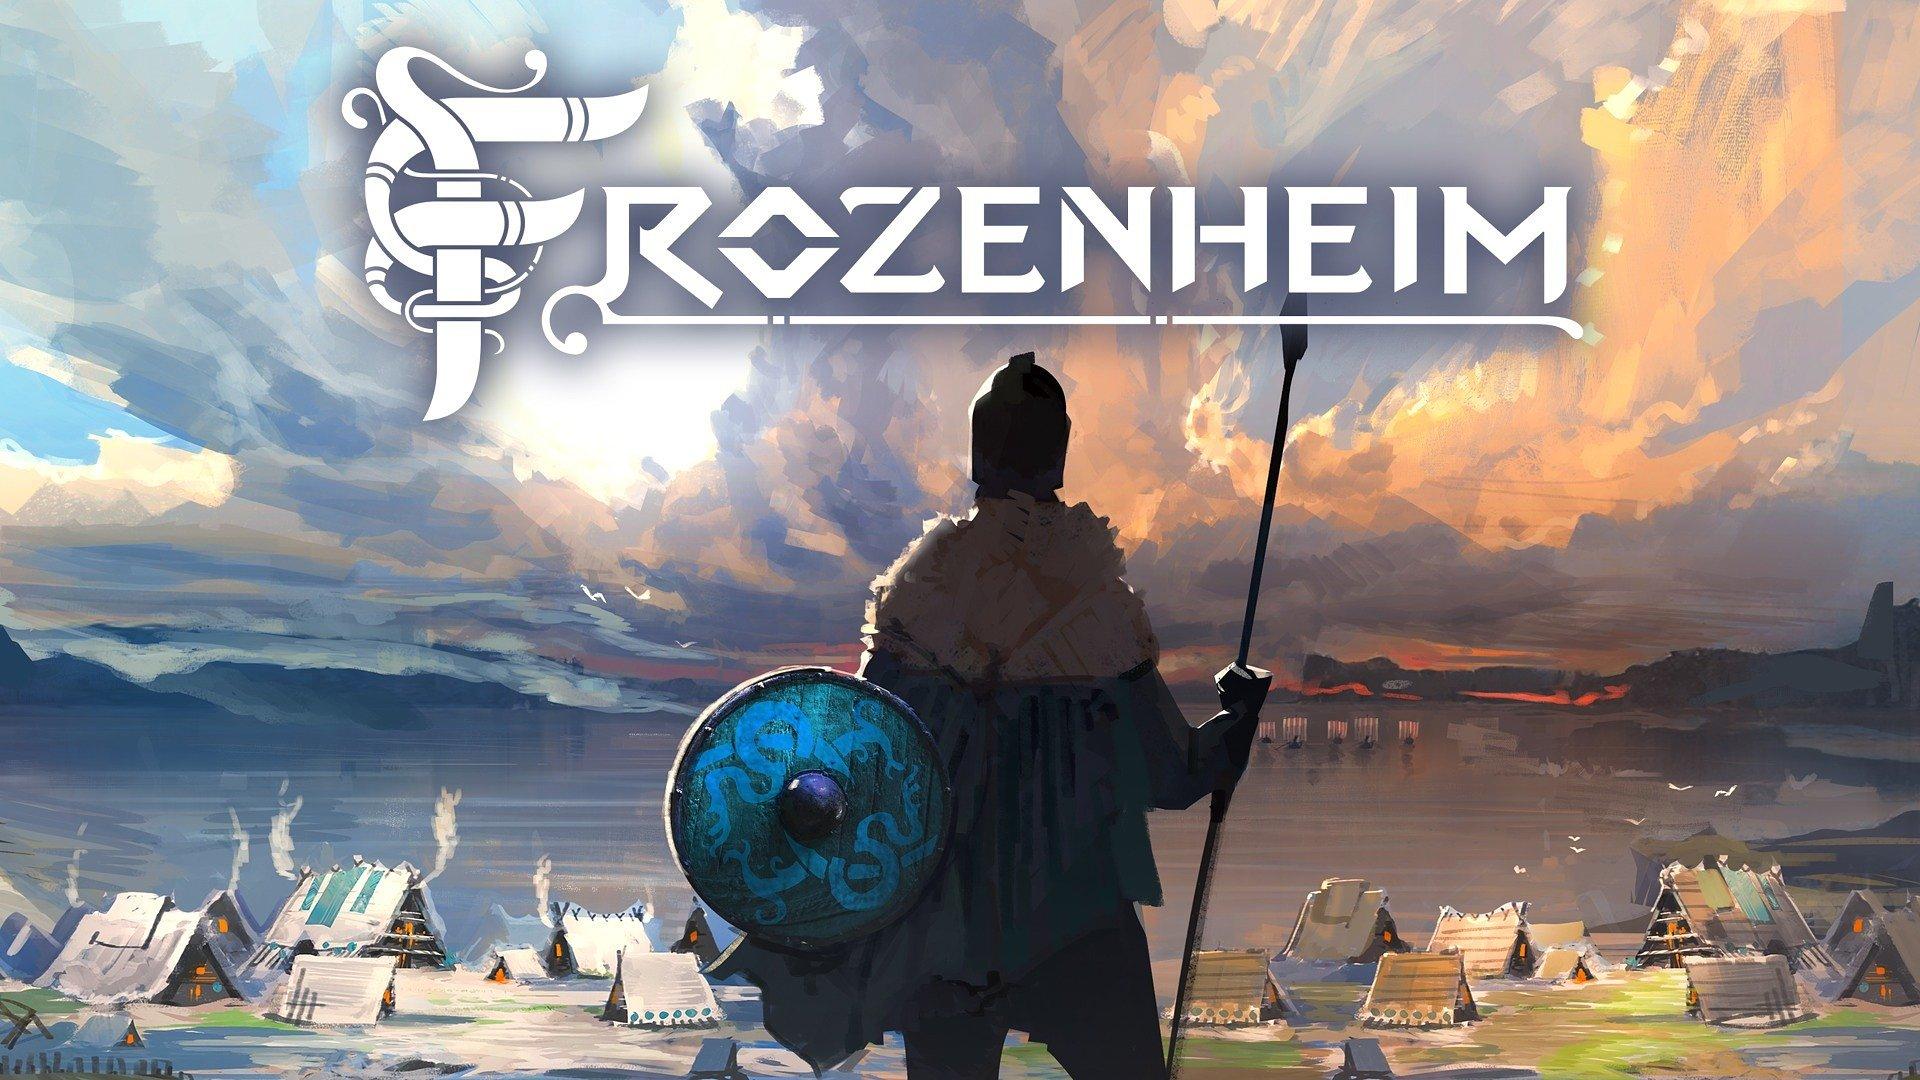 Ваша эпическая сага начинается уже сегодня! Frozenheim вышла в раннем доступе Steam